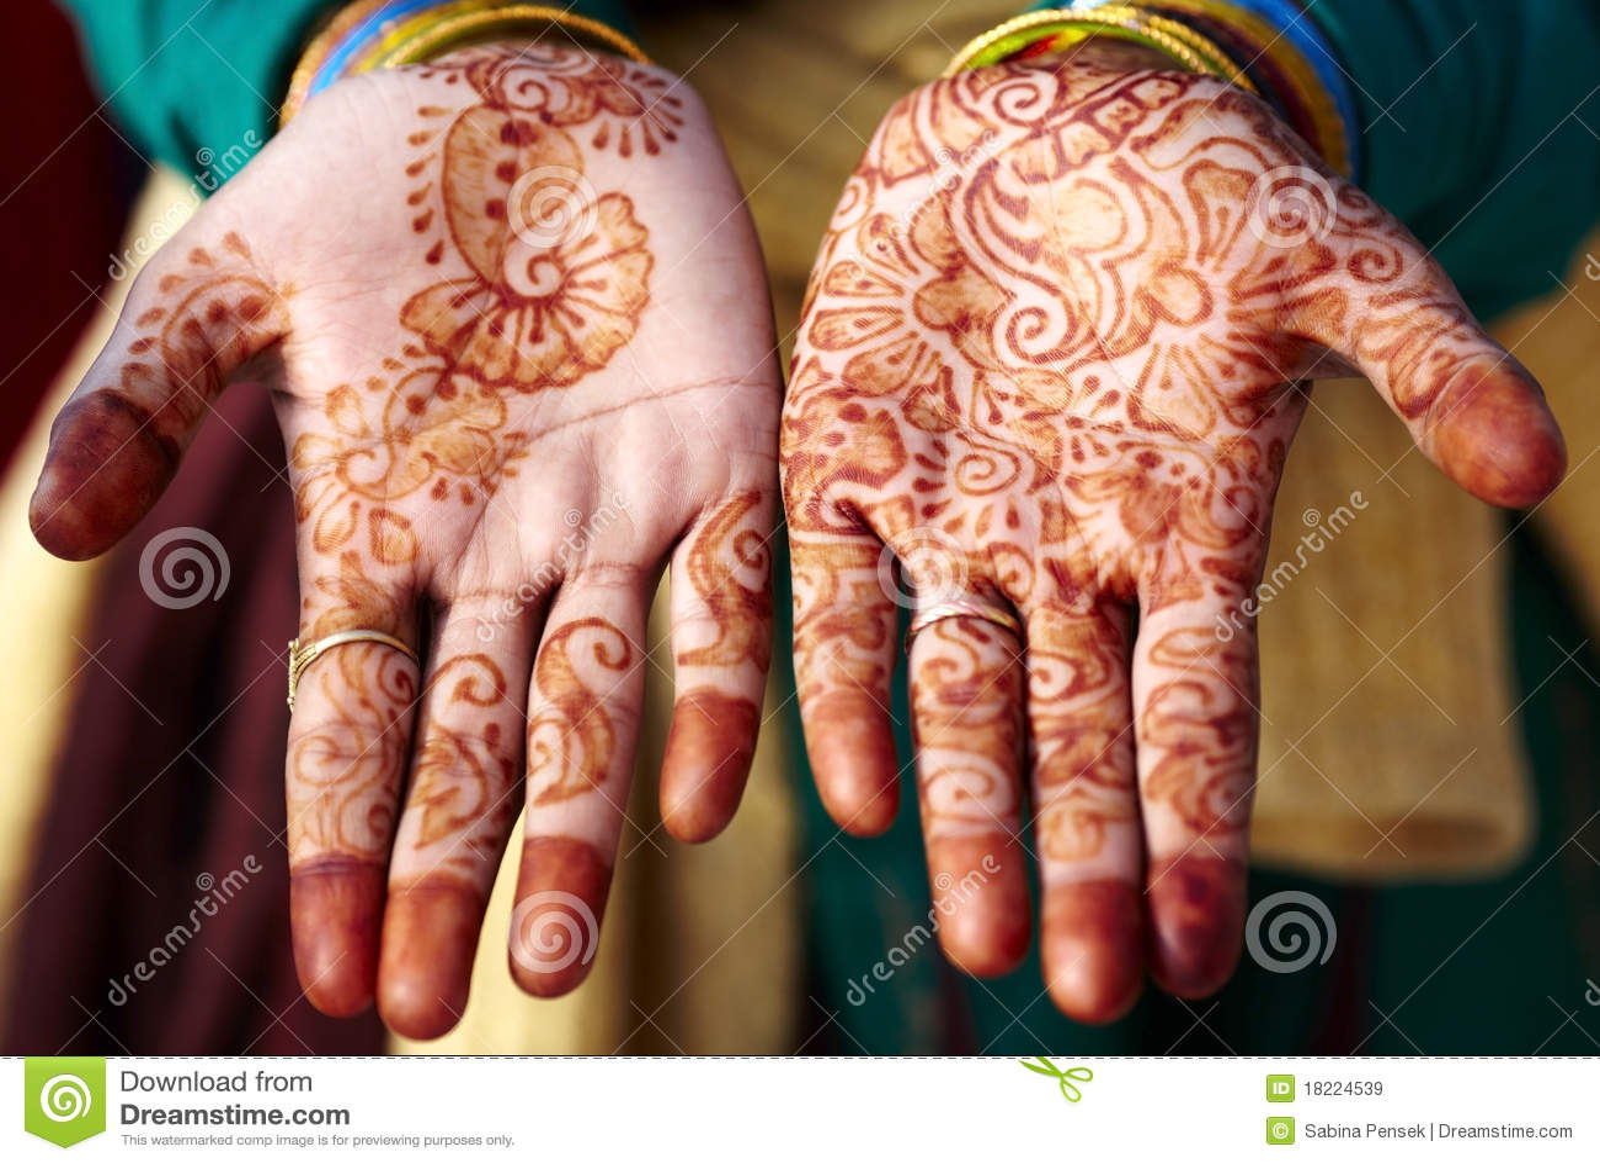 De kunst van de de tatoegeringshand van de henna in India